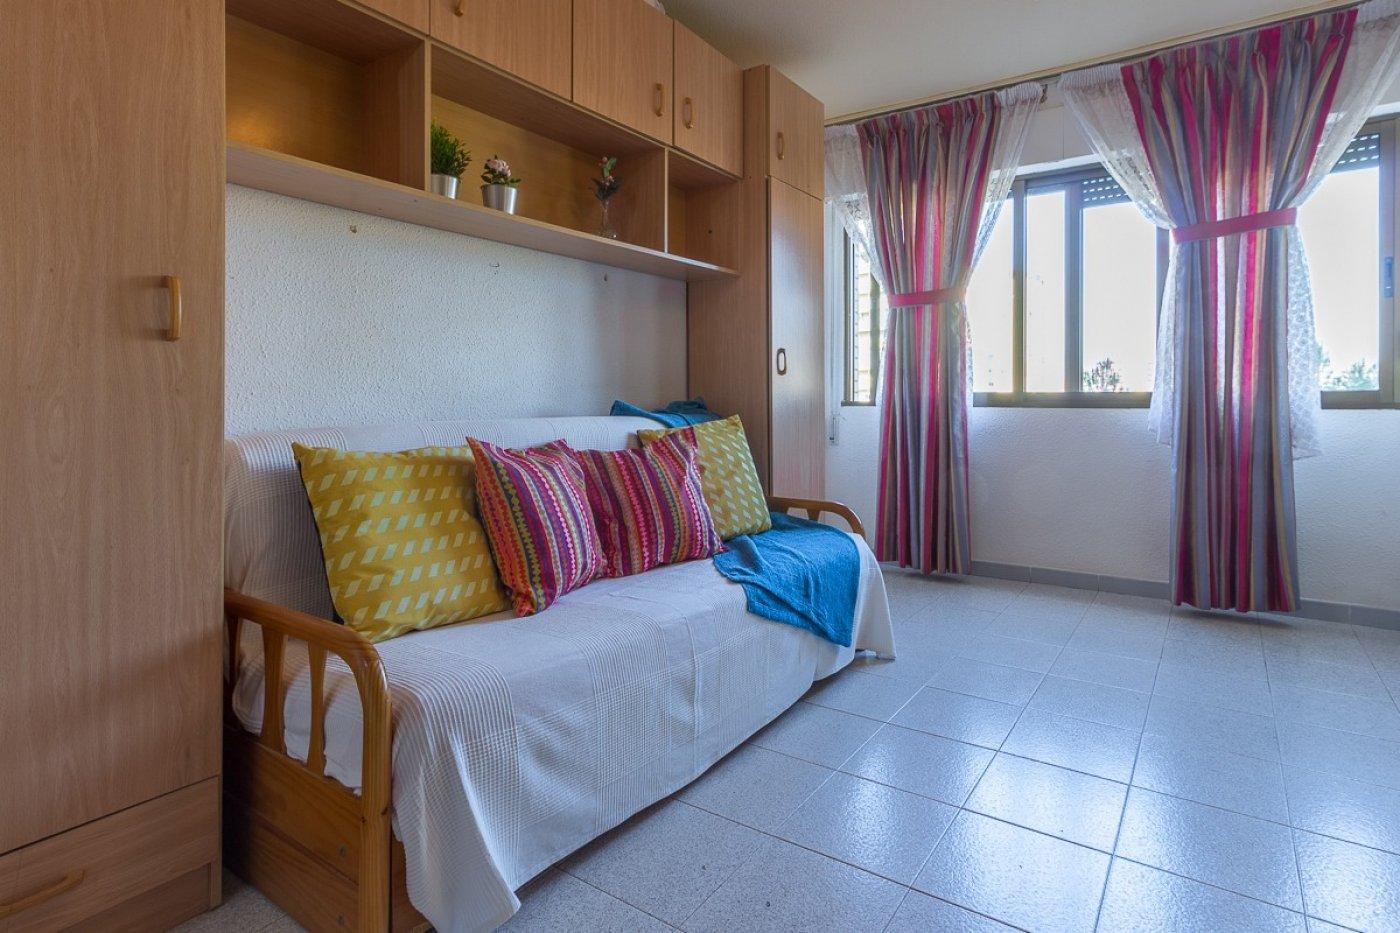 apartamento en oropesa-del-mar-orpesa · playa-de-la-concha 62260€